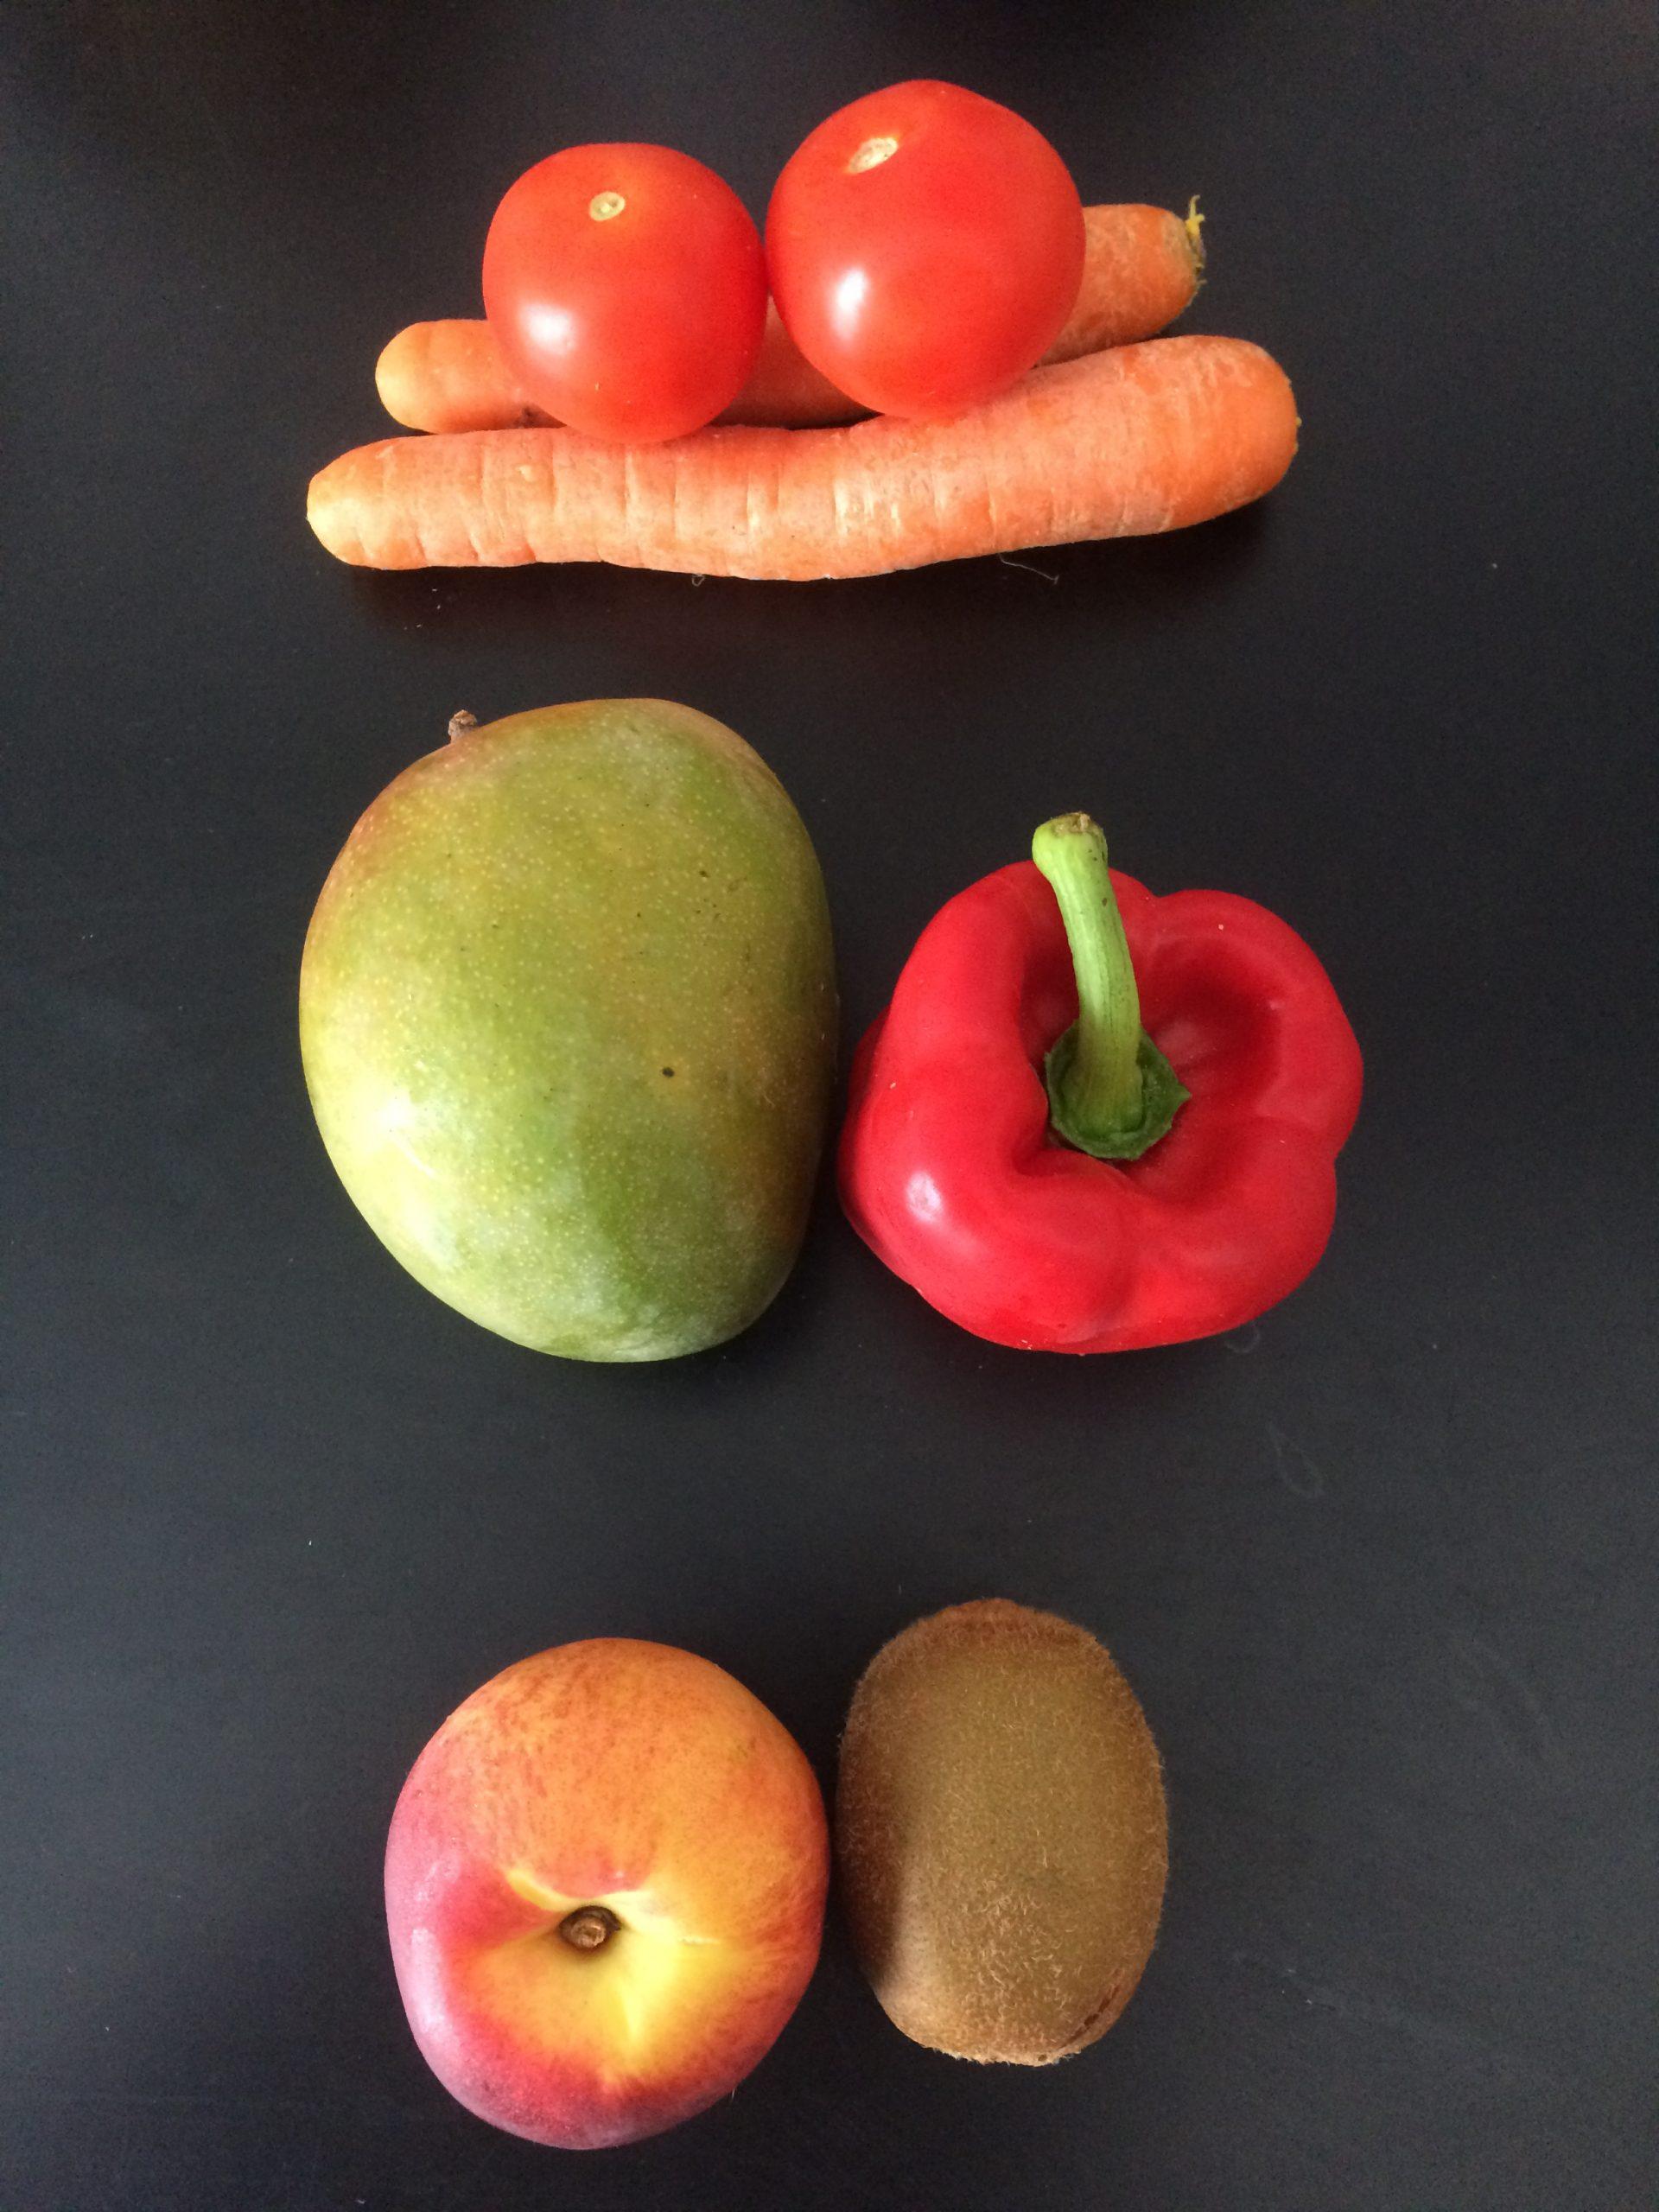 l'image présente l'activité de coach alimentaire bordeaux de mélodie boullet kiup avec des fruits et légumes